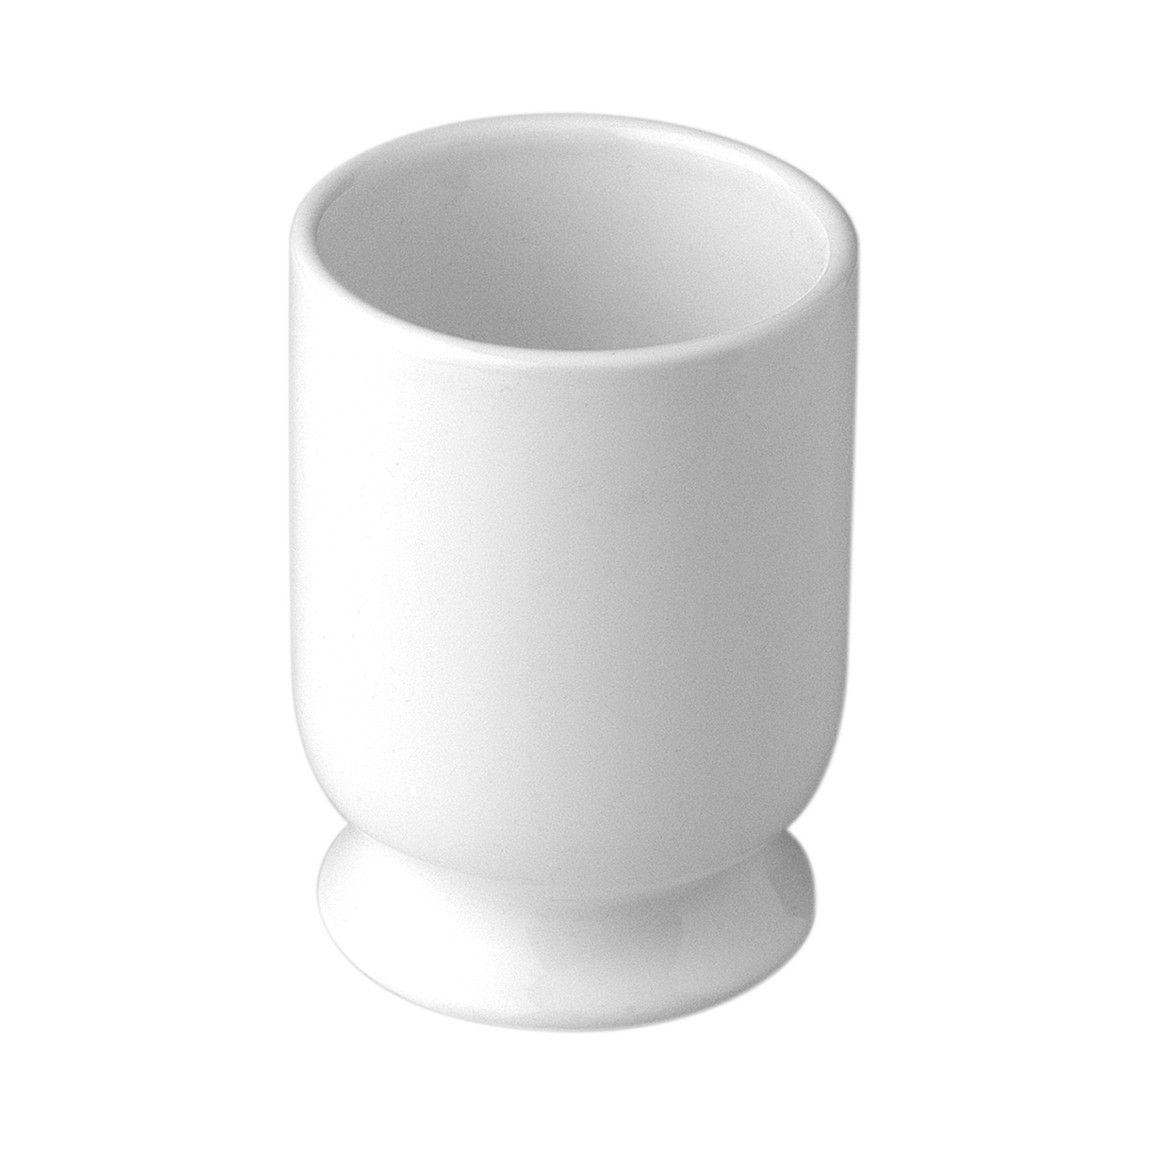 Настольный стакан из керамики Nicolazzi Classica d'appoggio 6002 ФОТО